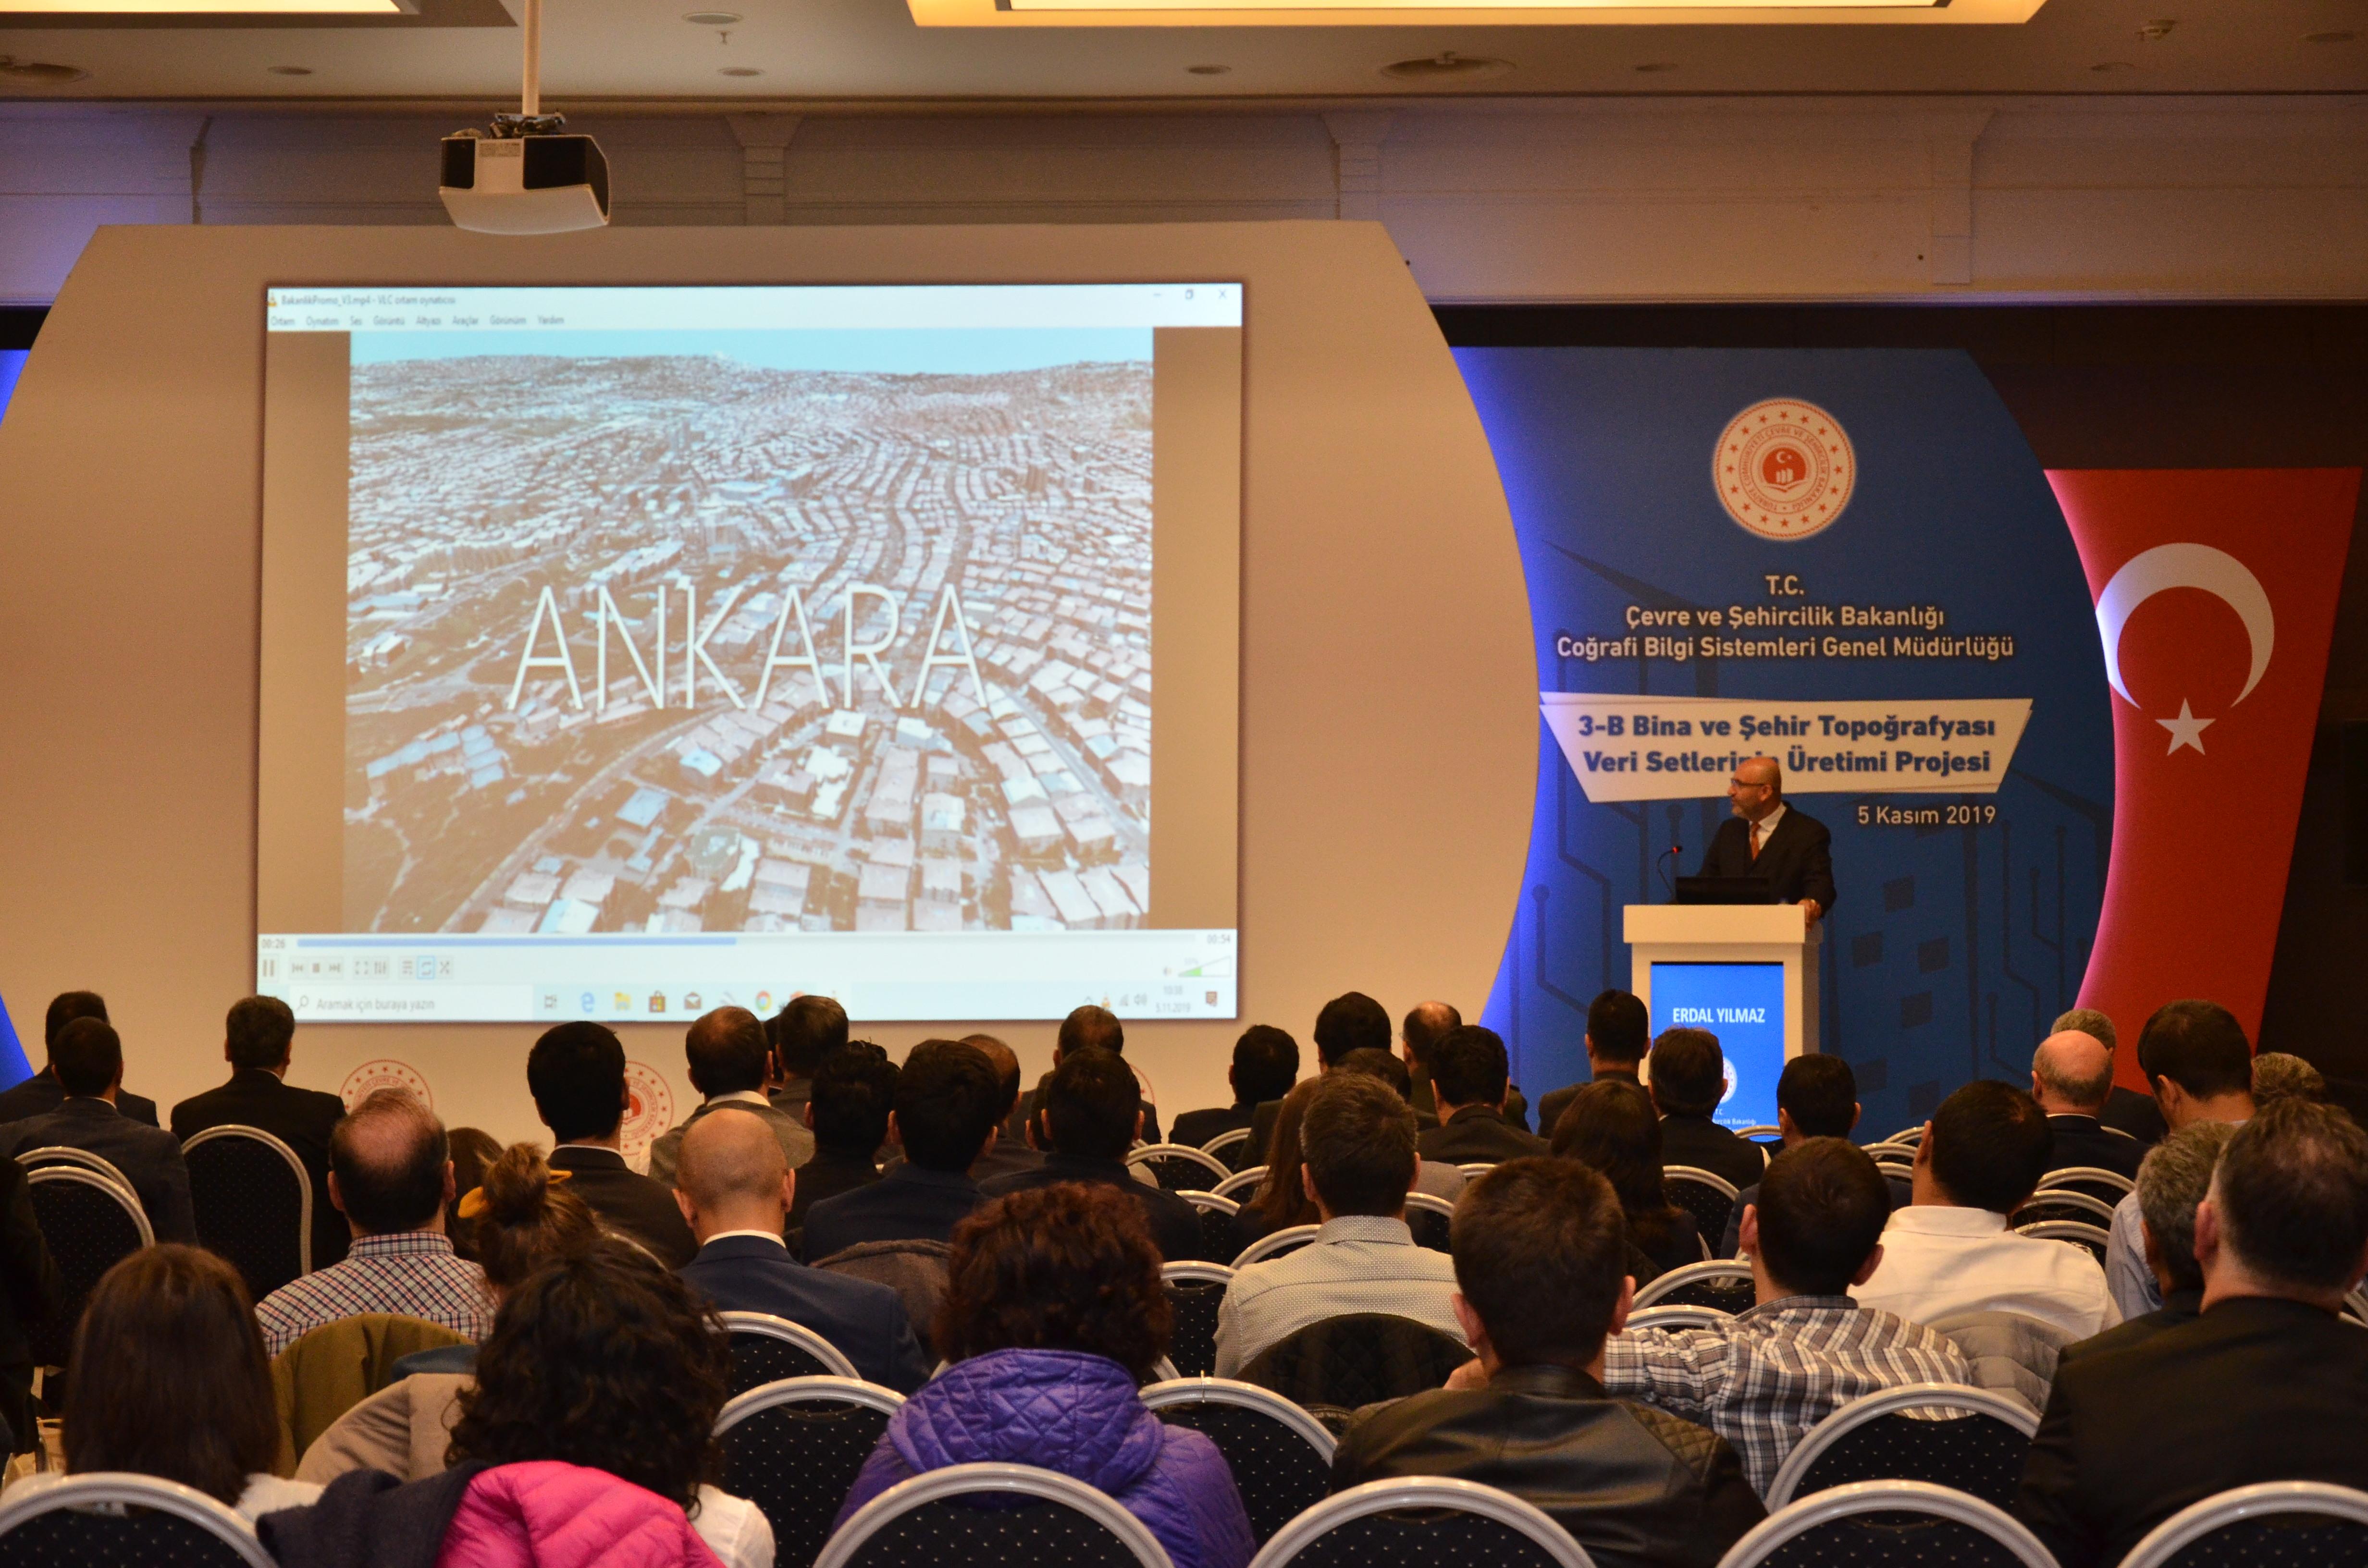 3 Boyutlu Bina ve Şehir Topografyası Veri Setlerinin Üretimi Projesi Çalıştayı Gerçekleştirildi.